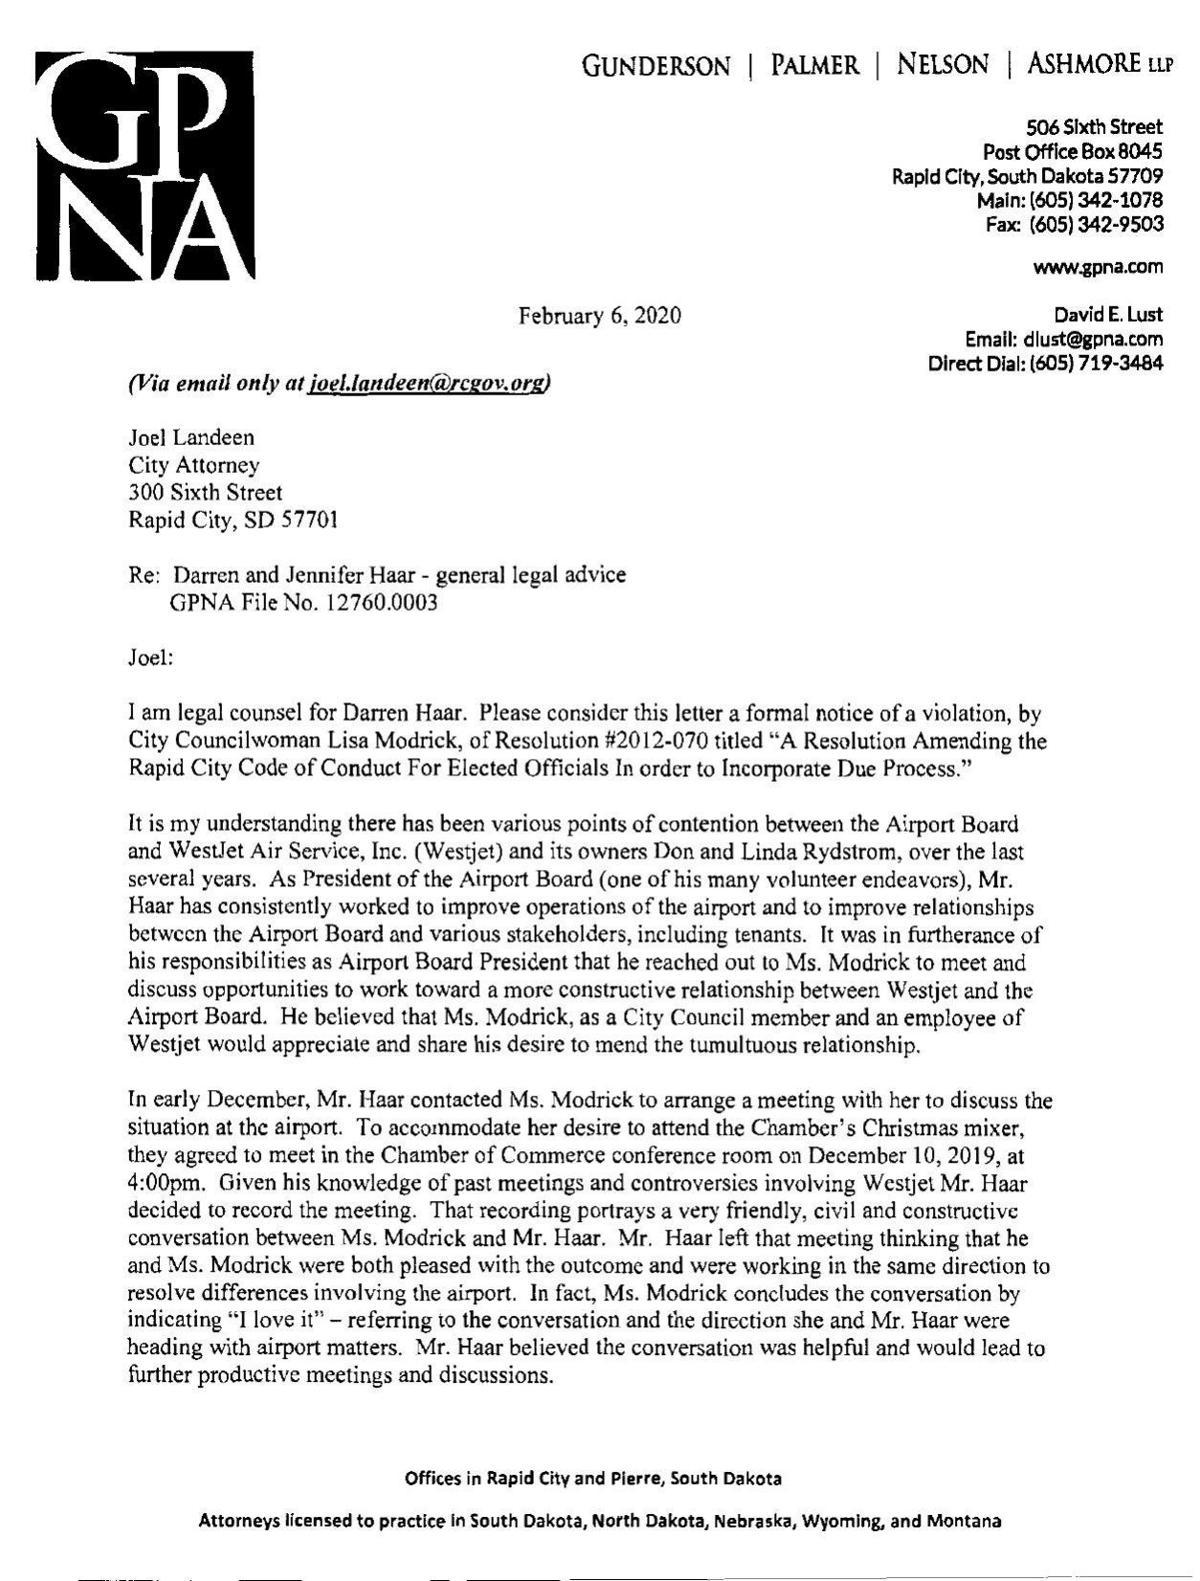 Haar complaint to City Attorney Joel Landeen